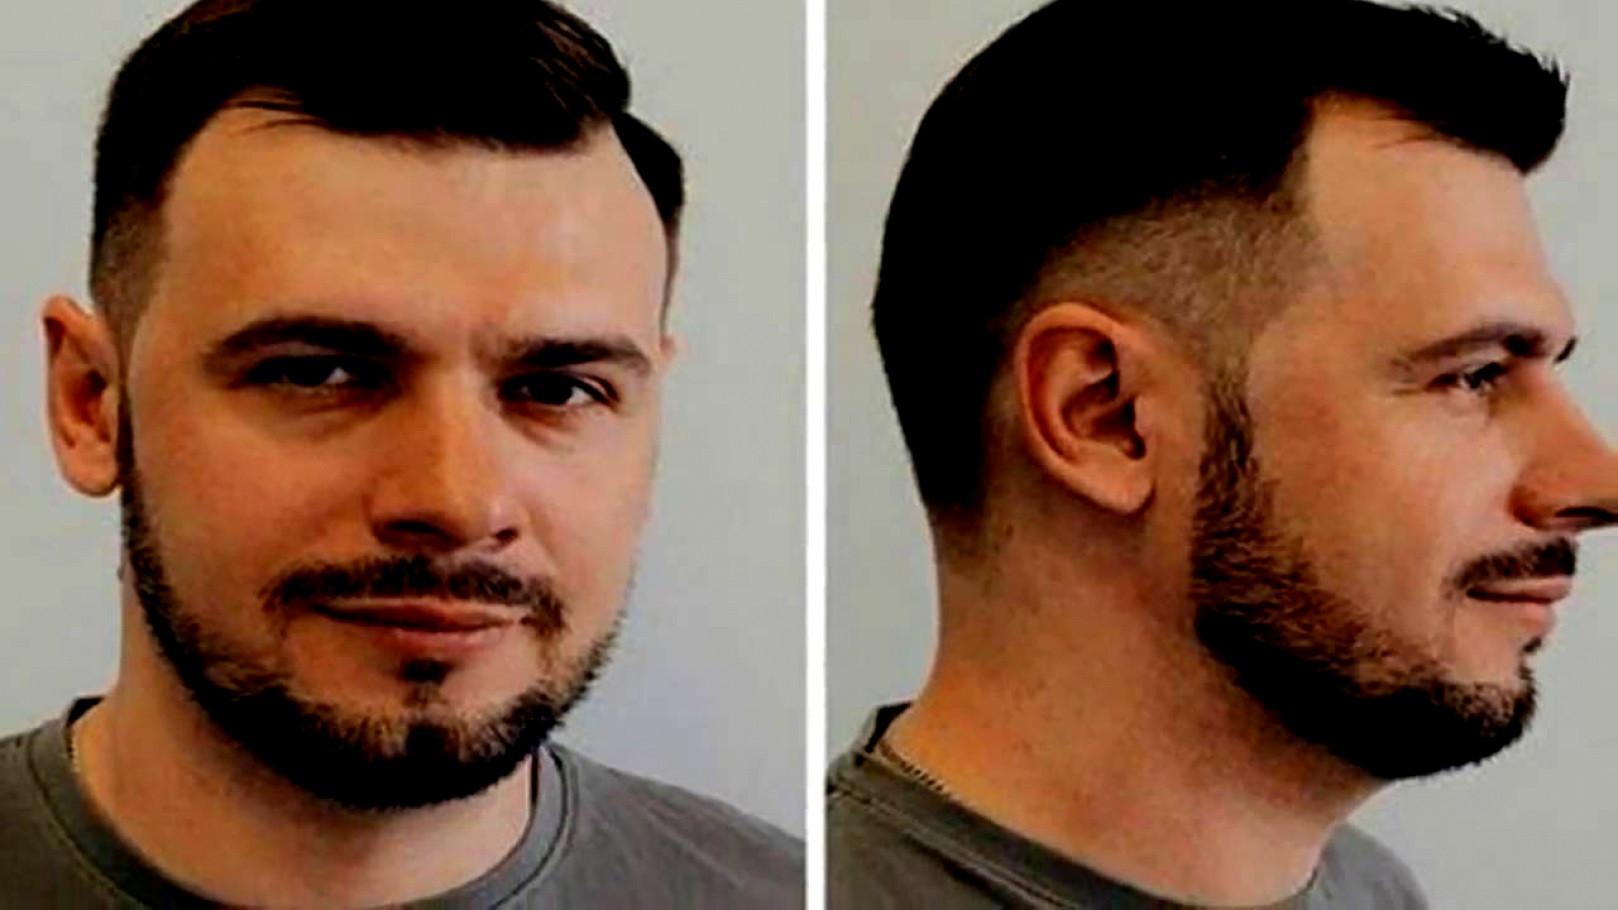 Frisuren Bei Haarausfall  Neu Madchen Frisur Kurz Für Mädchen Bob Schulterlang Oder